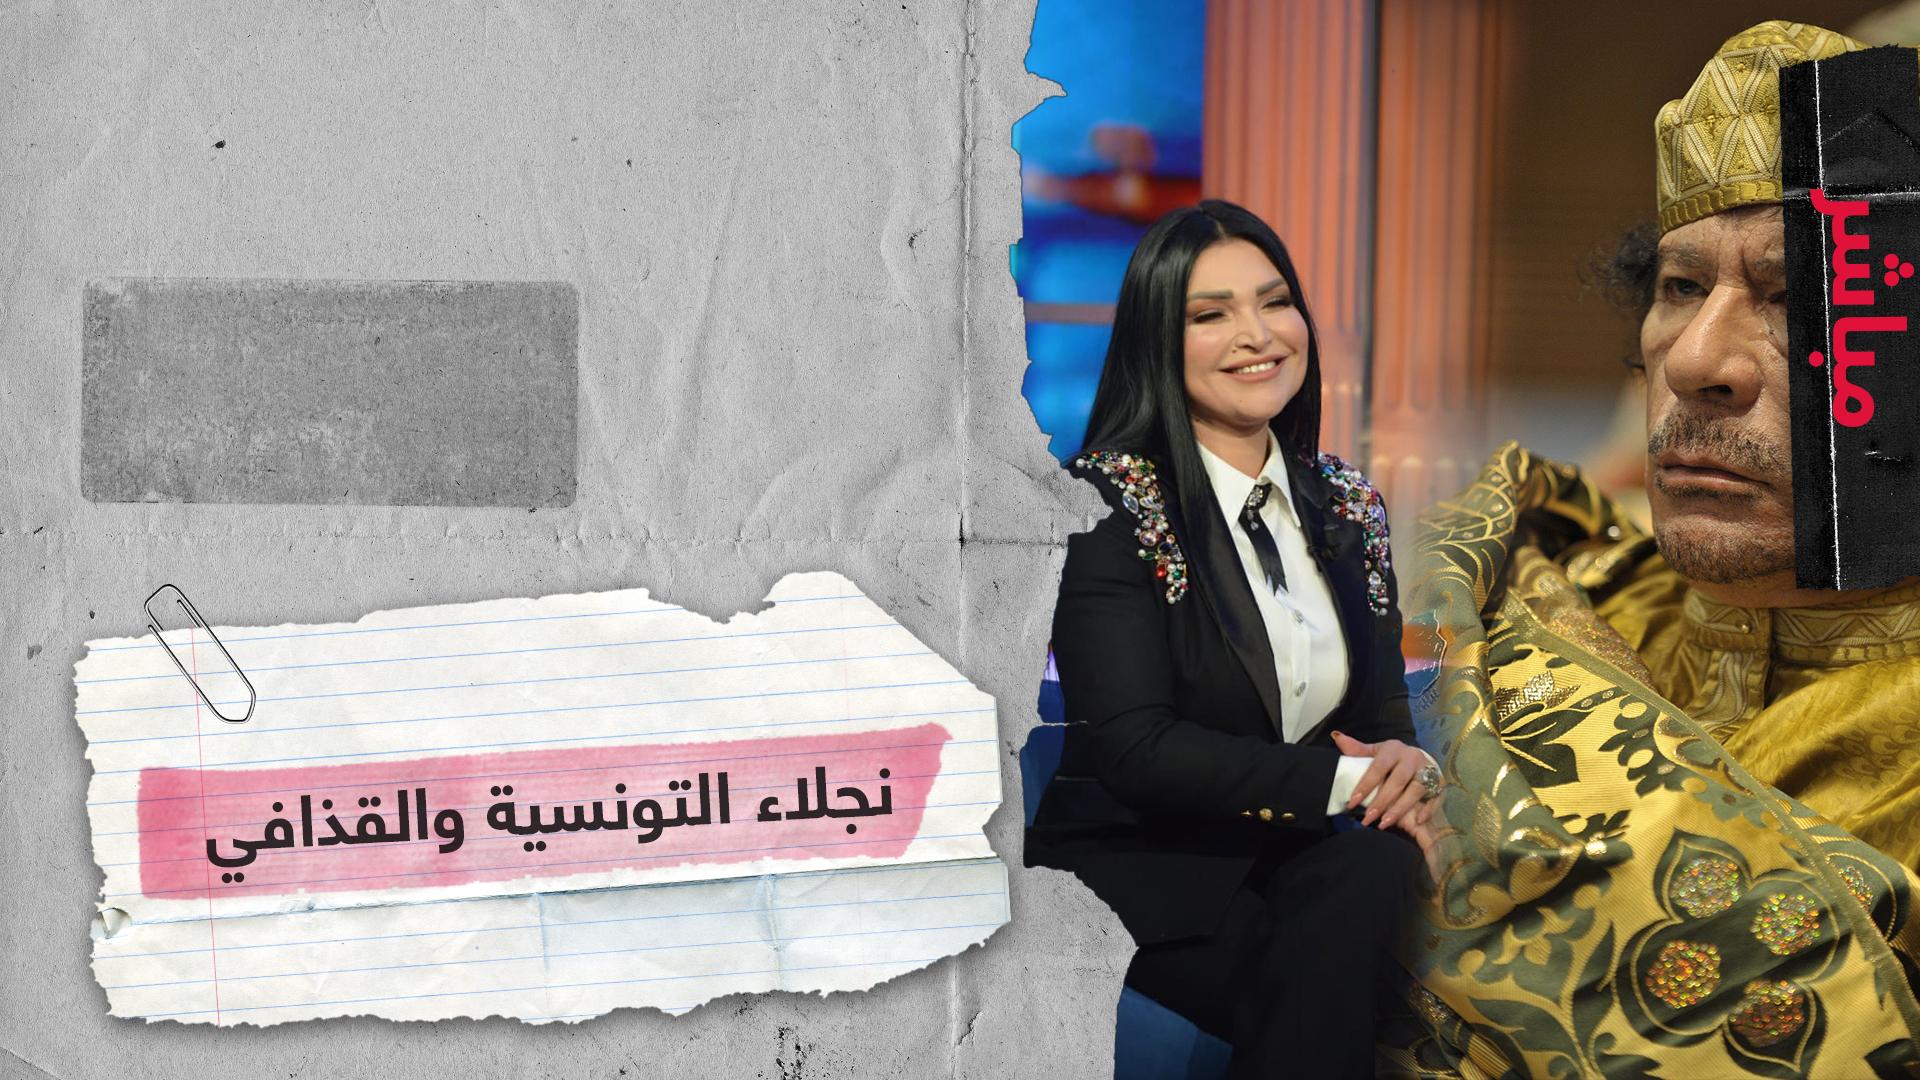 الفنانة الاستعراضية نجلاء التونسية ضيفة RT Online